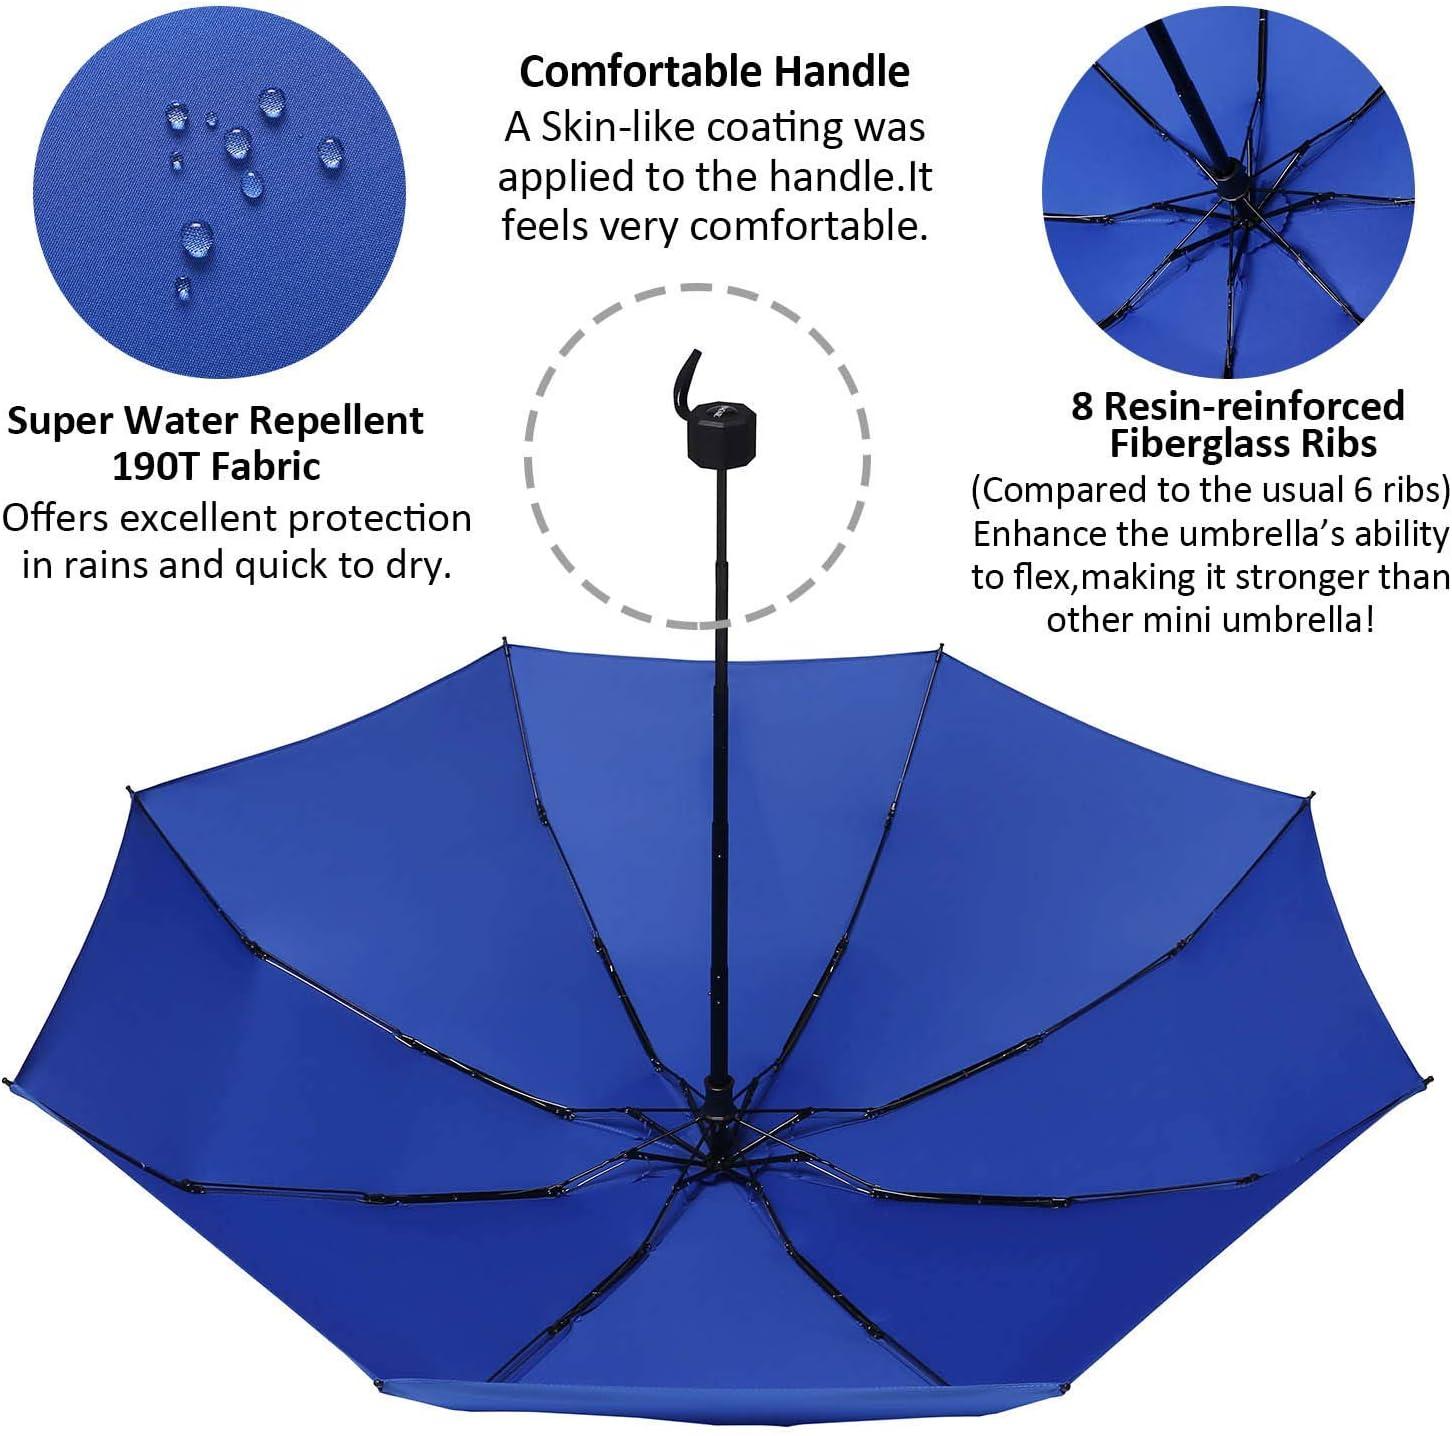 James Fashion Paraguas Compacto de Calidad, Resistente al Viento, Paraguas de Viaje, Ligero, Mini Paraguas para Bolsillo, Azul (Azul) - zheyangsnn4552: Amazon.es: Equipaje